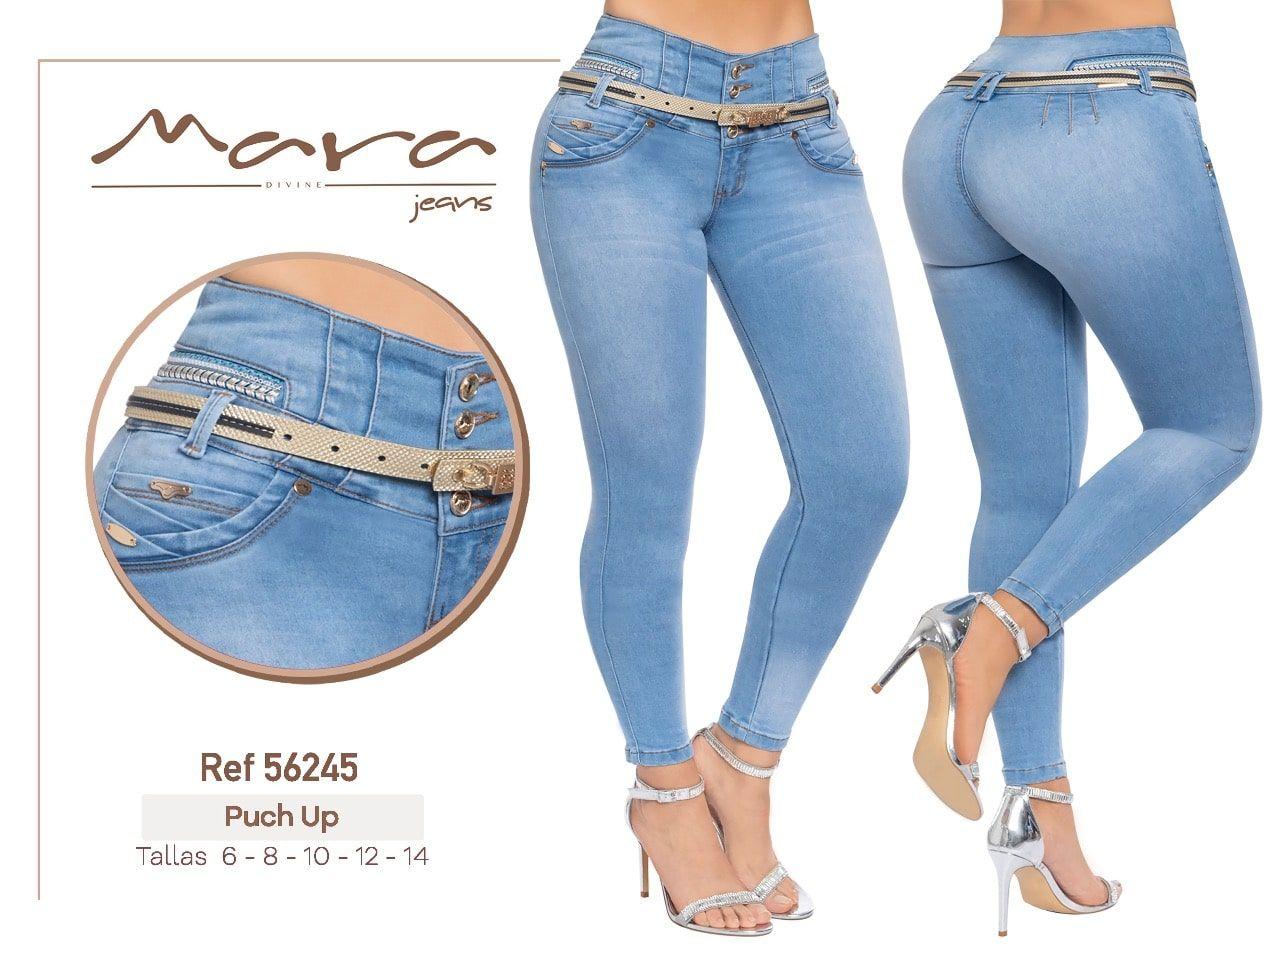 91ad90233a4c Pantalones Colombianos en Kprichos Moda Latina- Tienda online de ...